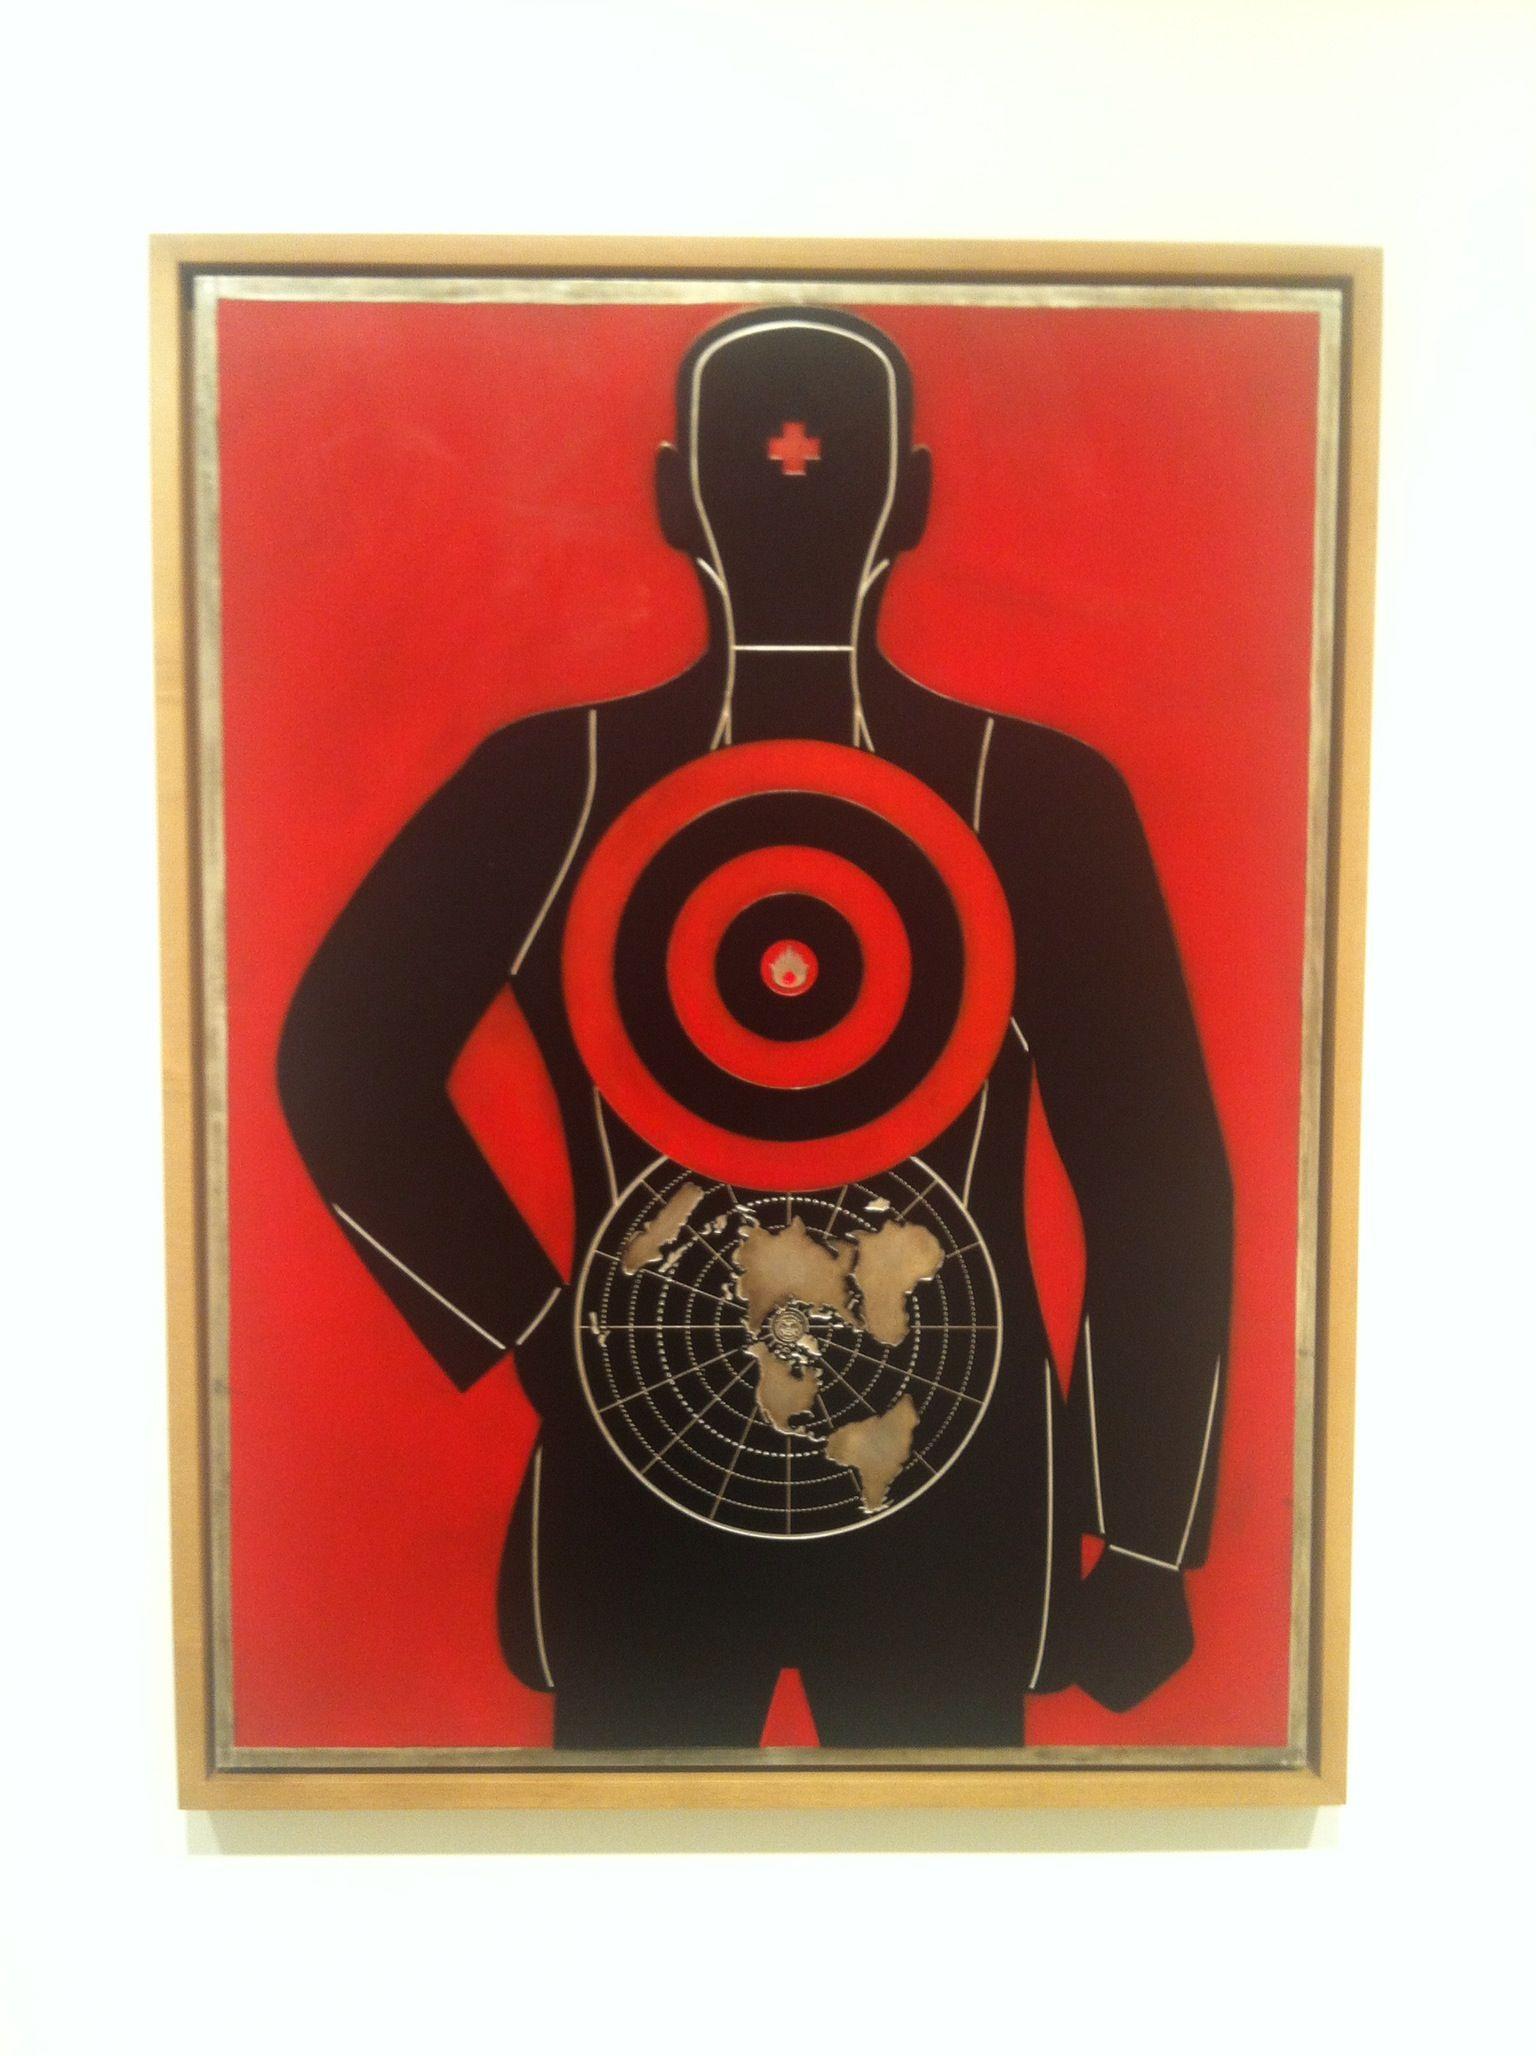 Shepard Fairey - Global Target - Screen Print on Metal (Pace Prints - NYC)